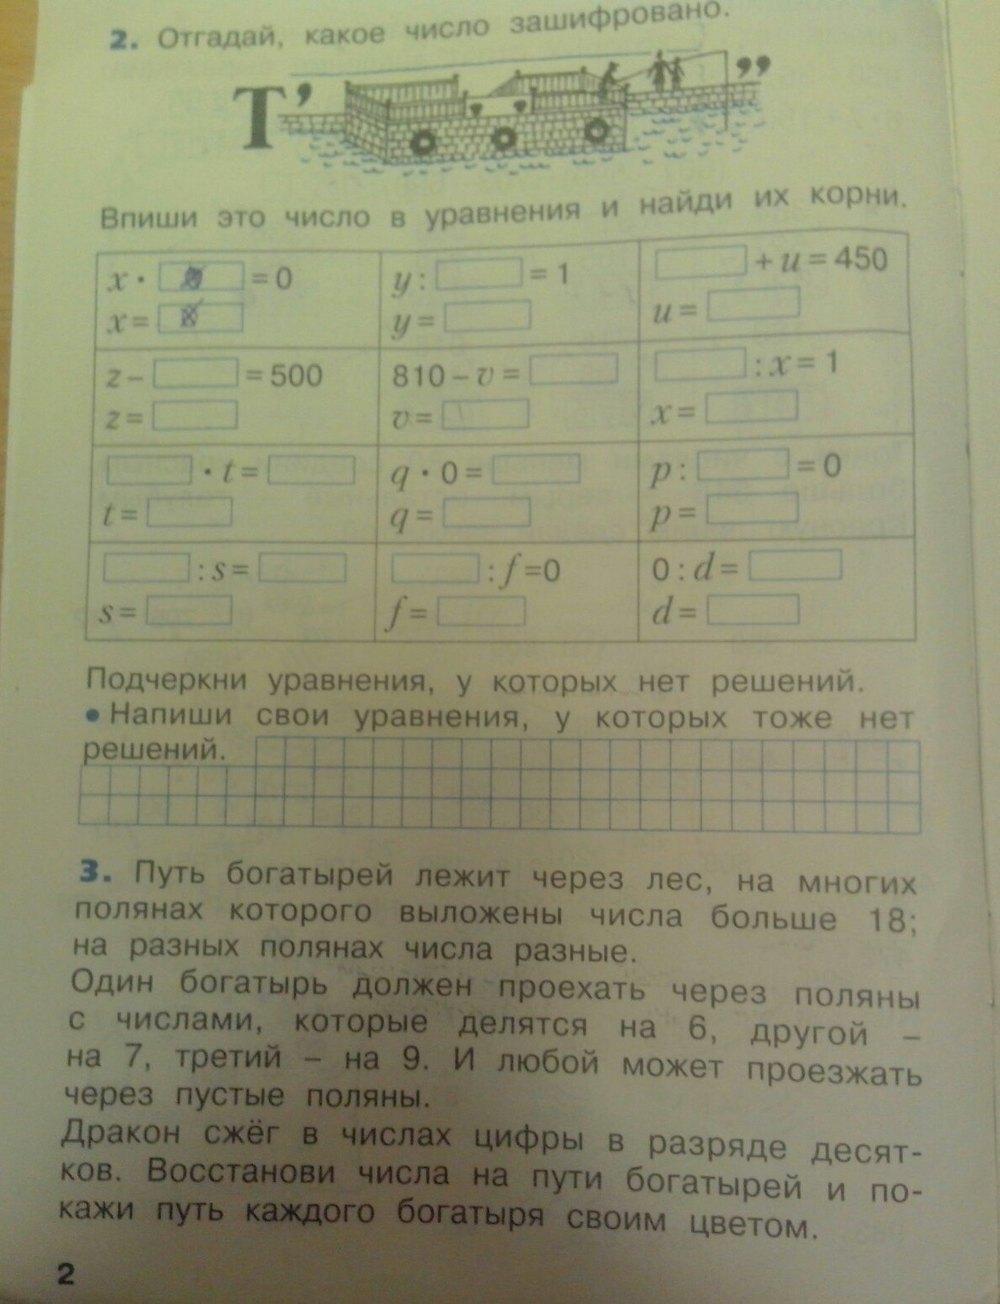 Задание 8 рабочая тетрадь 2 математика 3 класс бененсон и итина